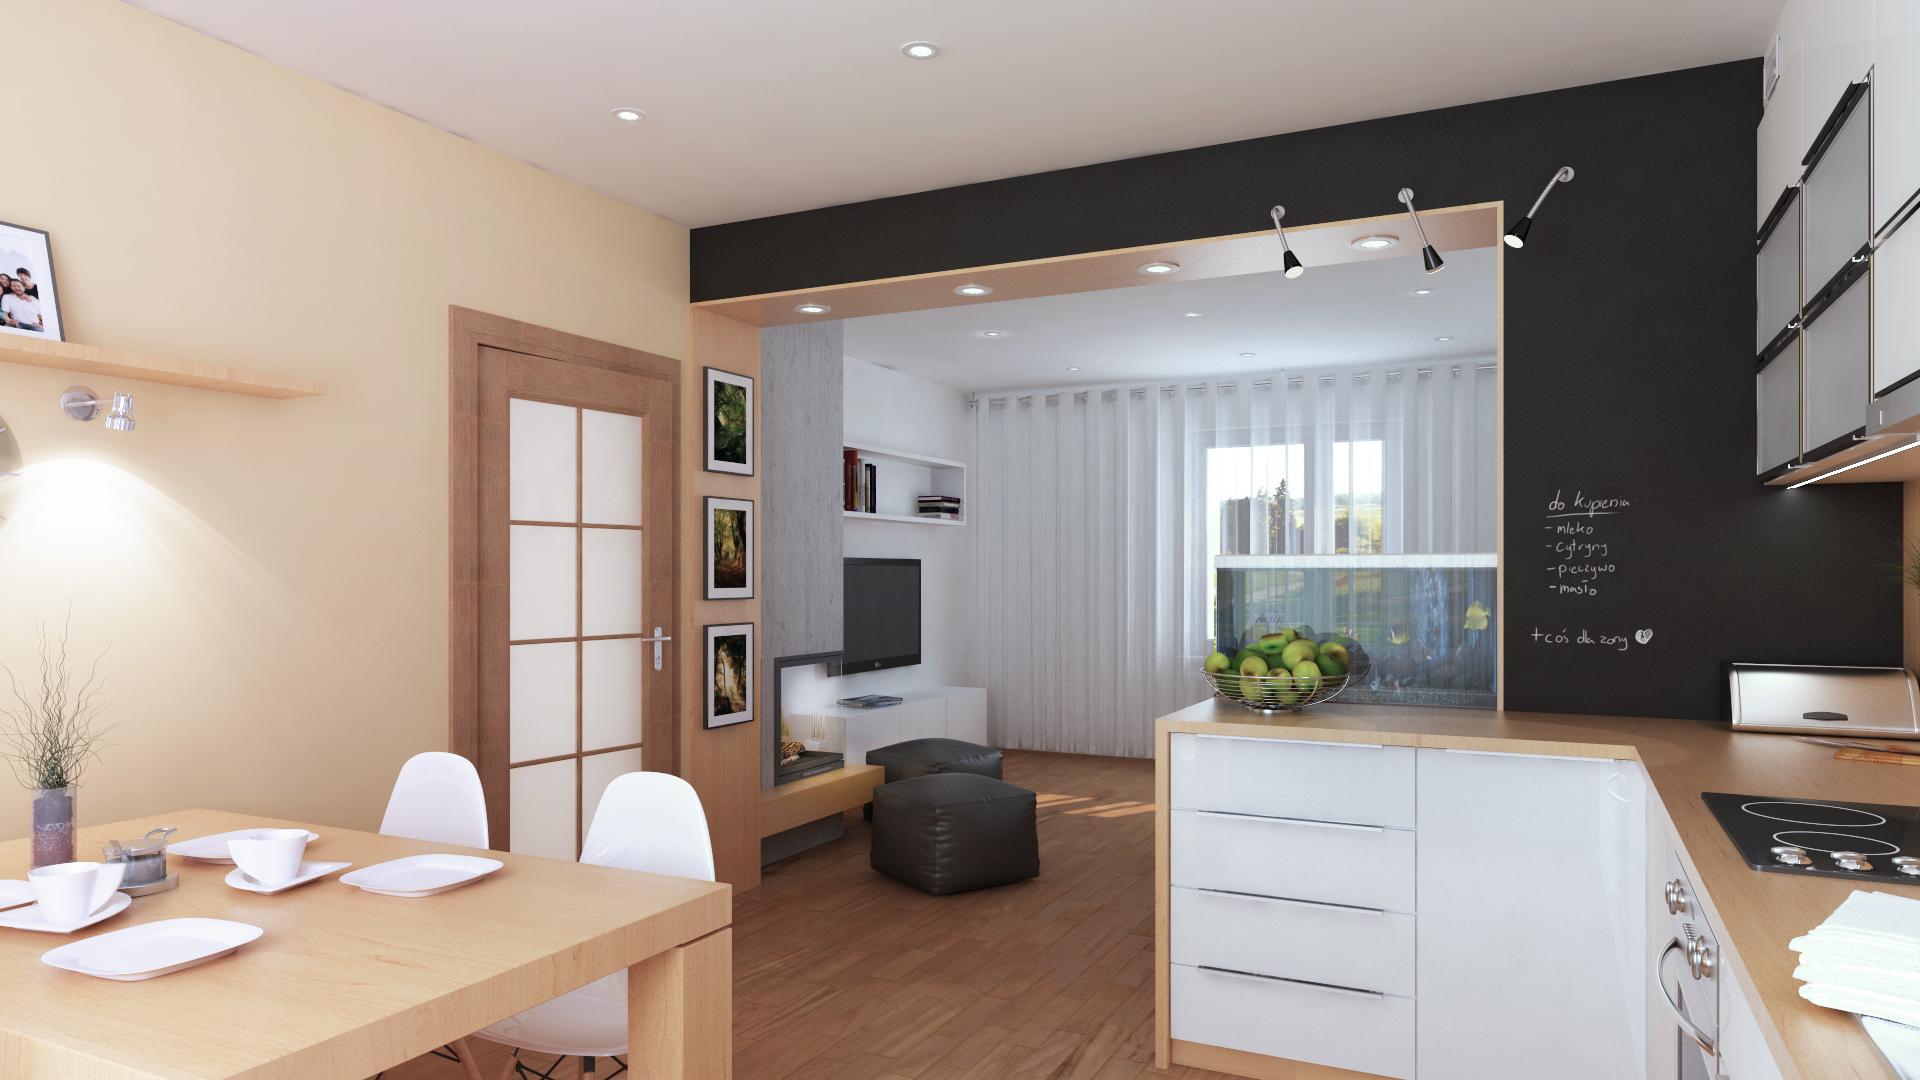 Projekt Aranzacja Mieszkania W Orzeszu Kuchnia I Salon